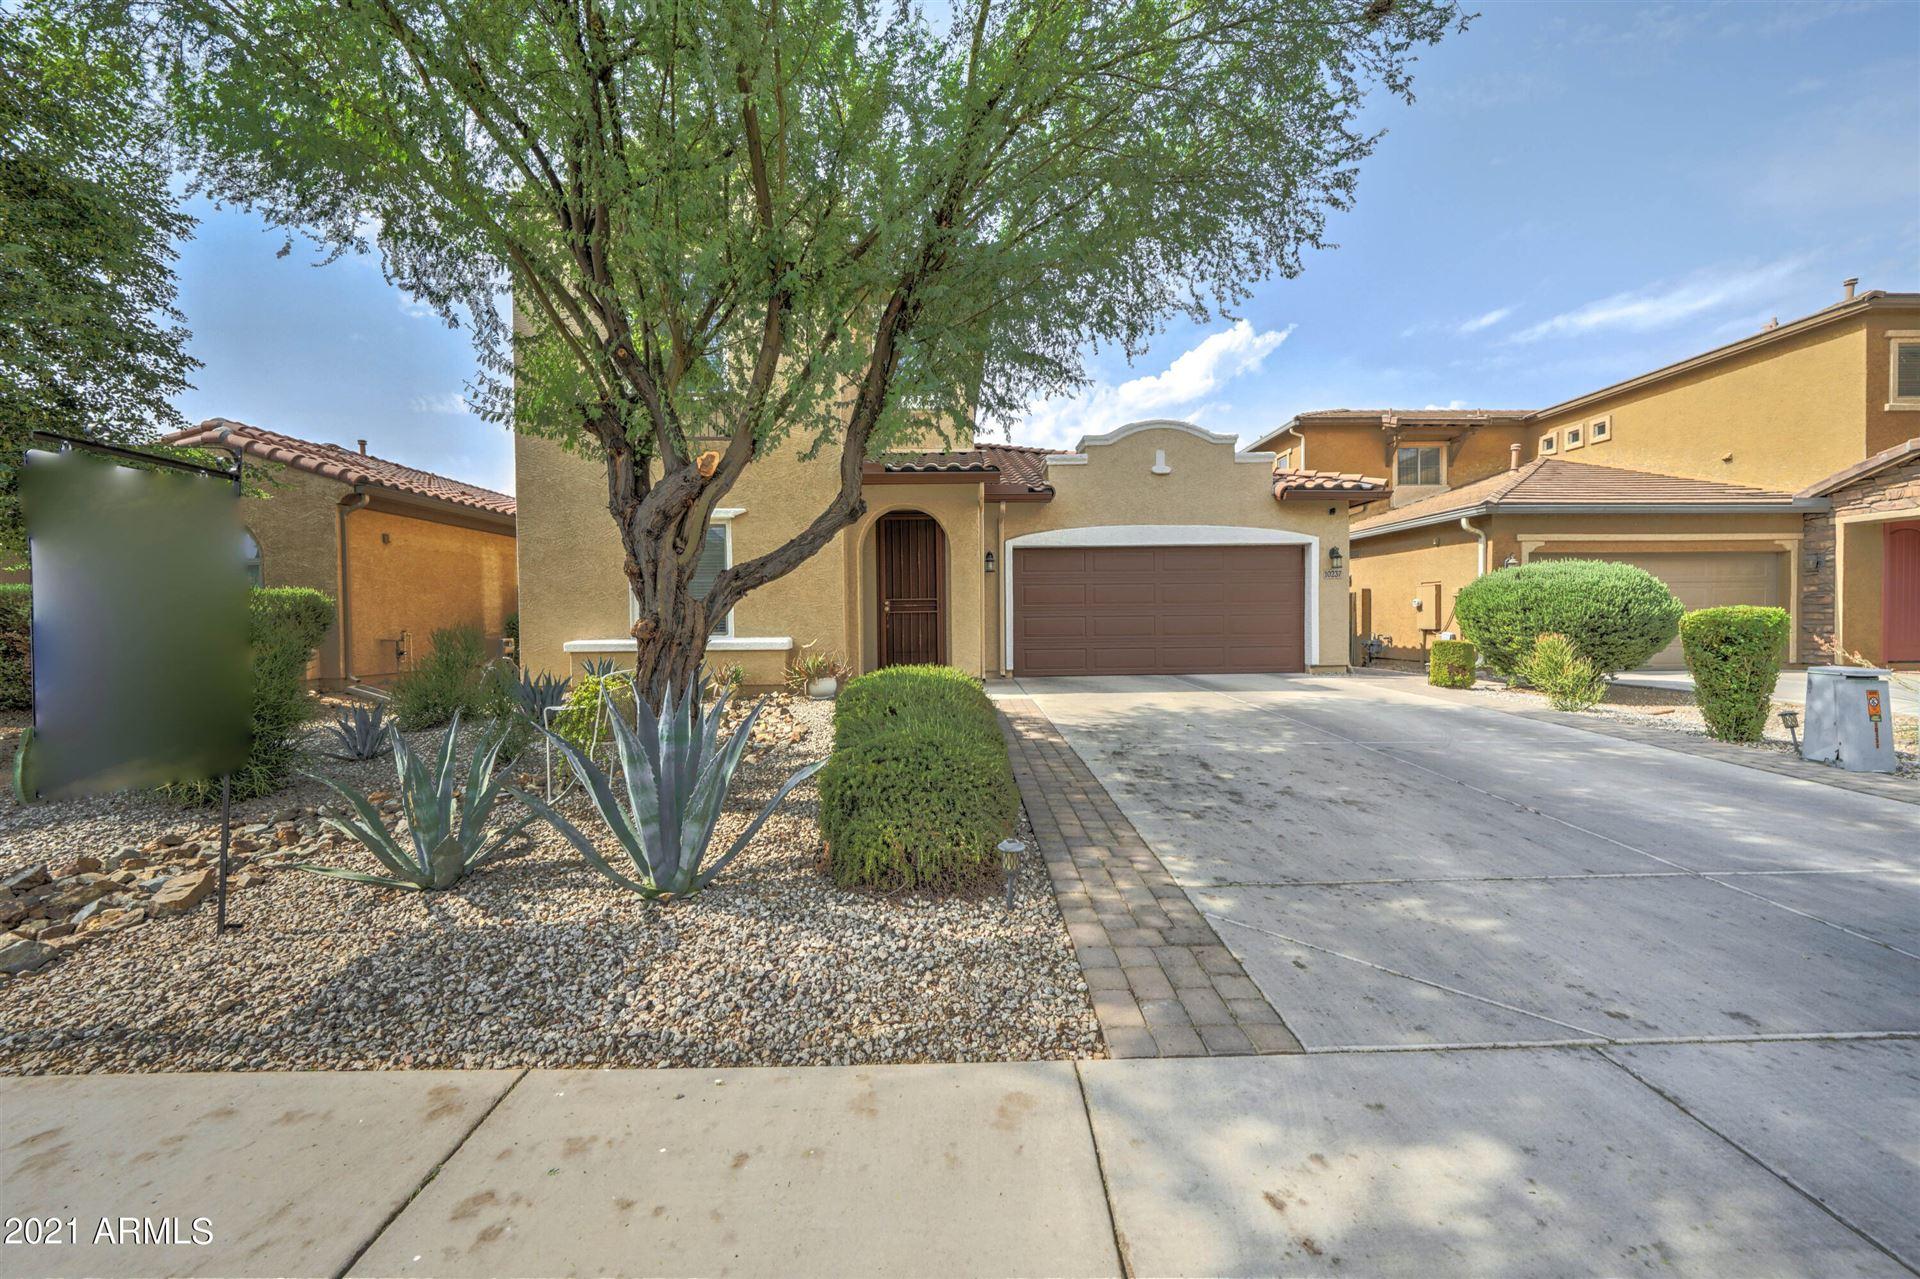 Photo of 10237 W WIER Avenue, Tolleson, AZ 85353 (MLS # 6251605)